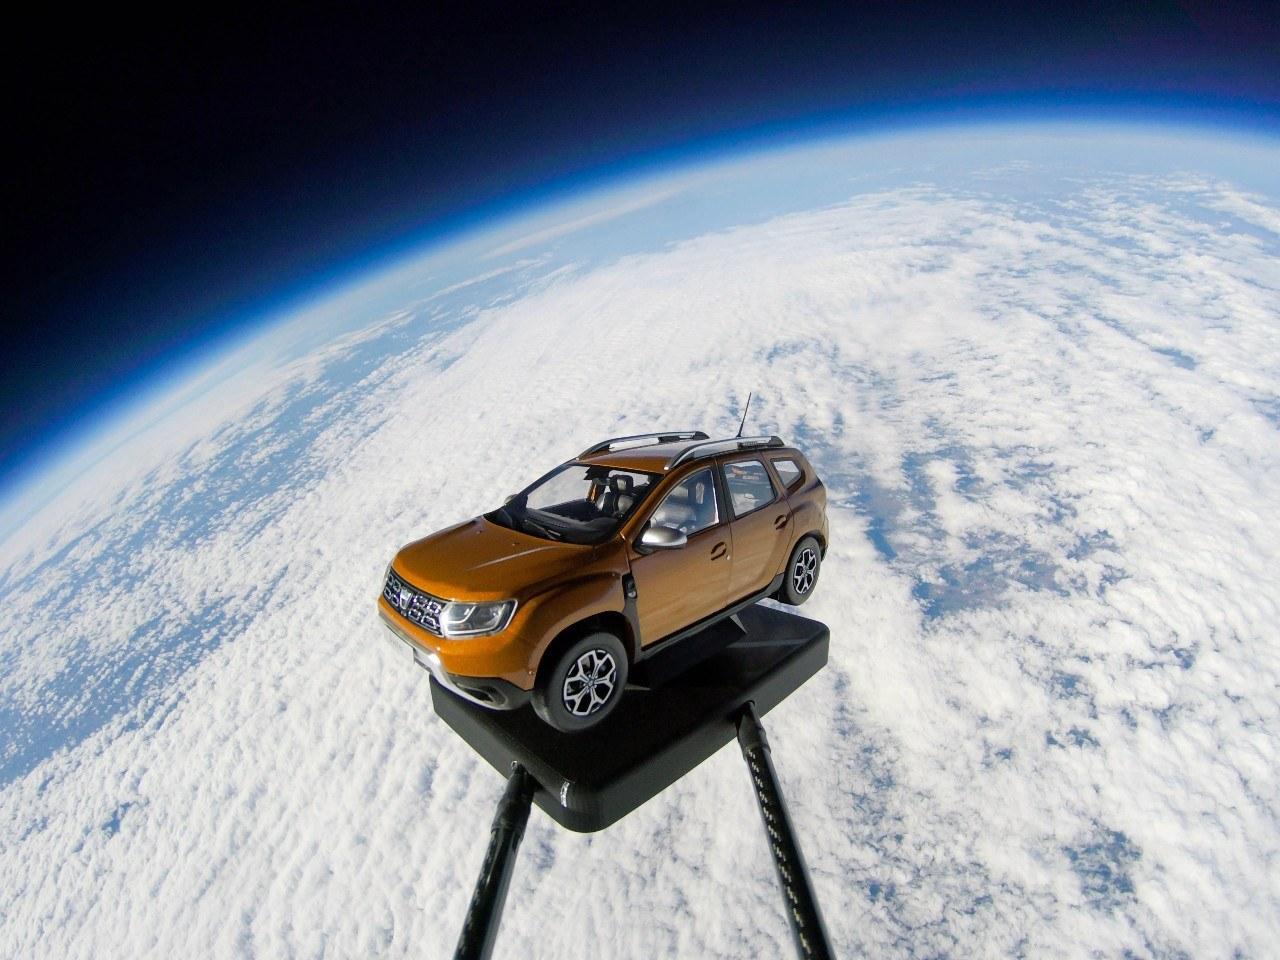 Rondje ruimte in een Dacia